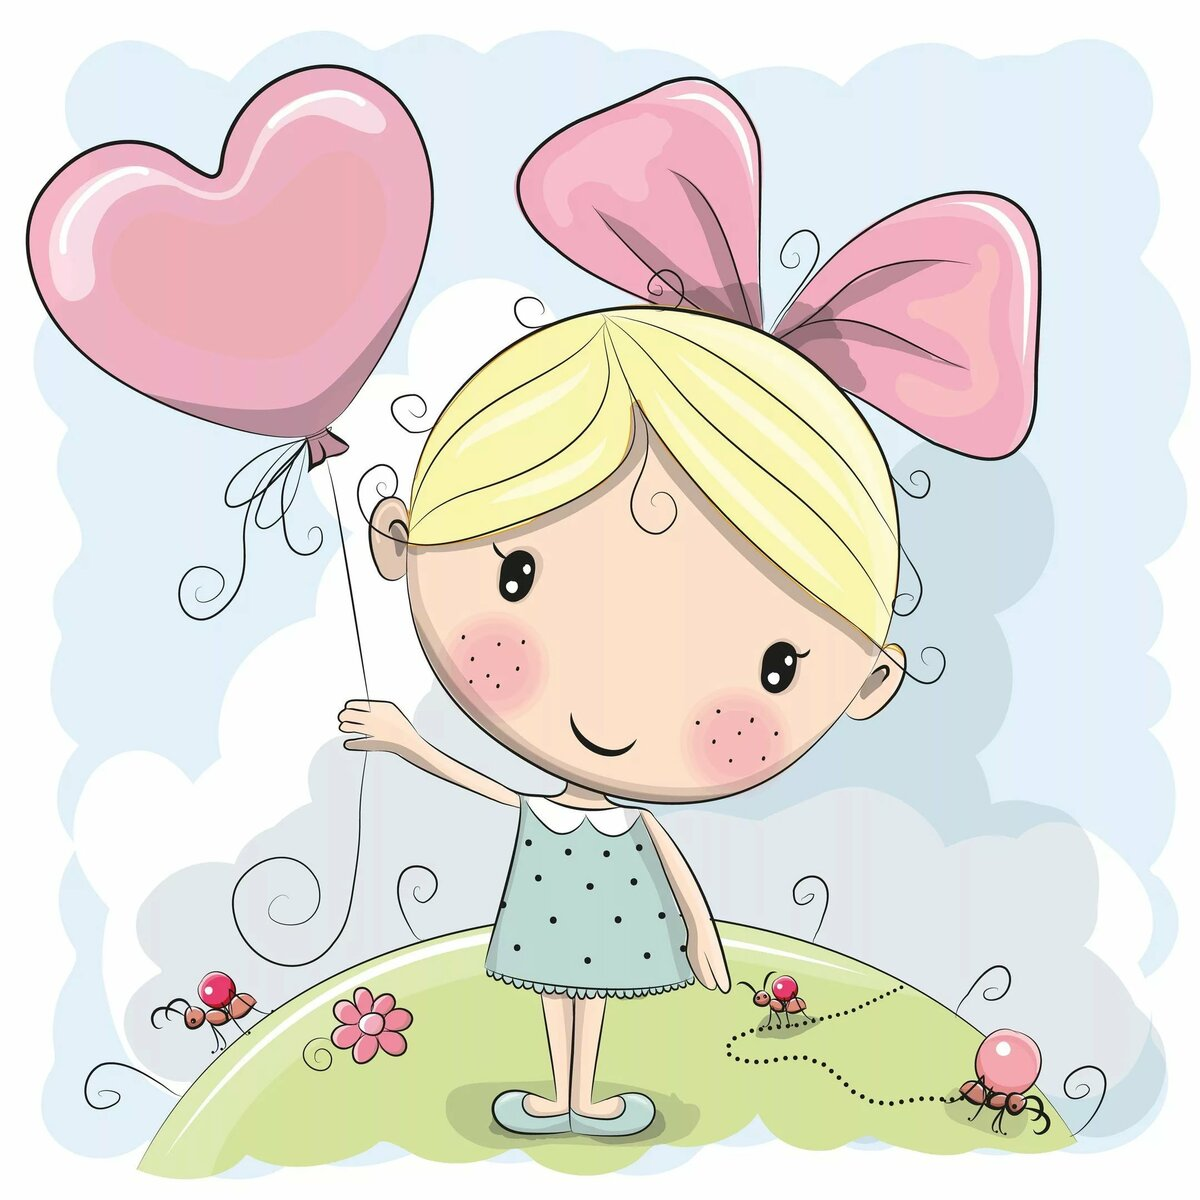 Рисунок смешная маленькая девочка, своими руками дню